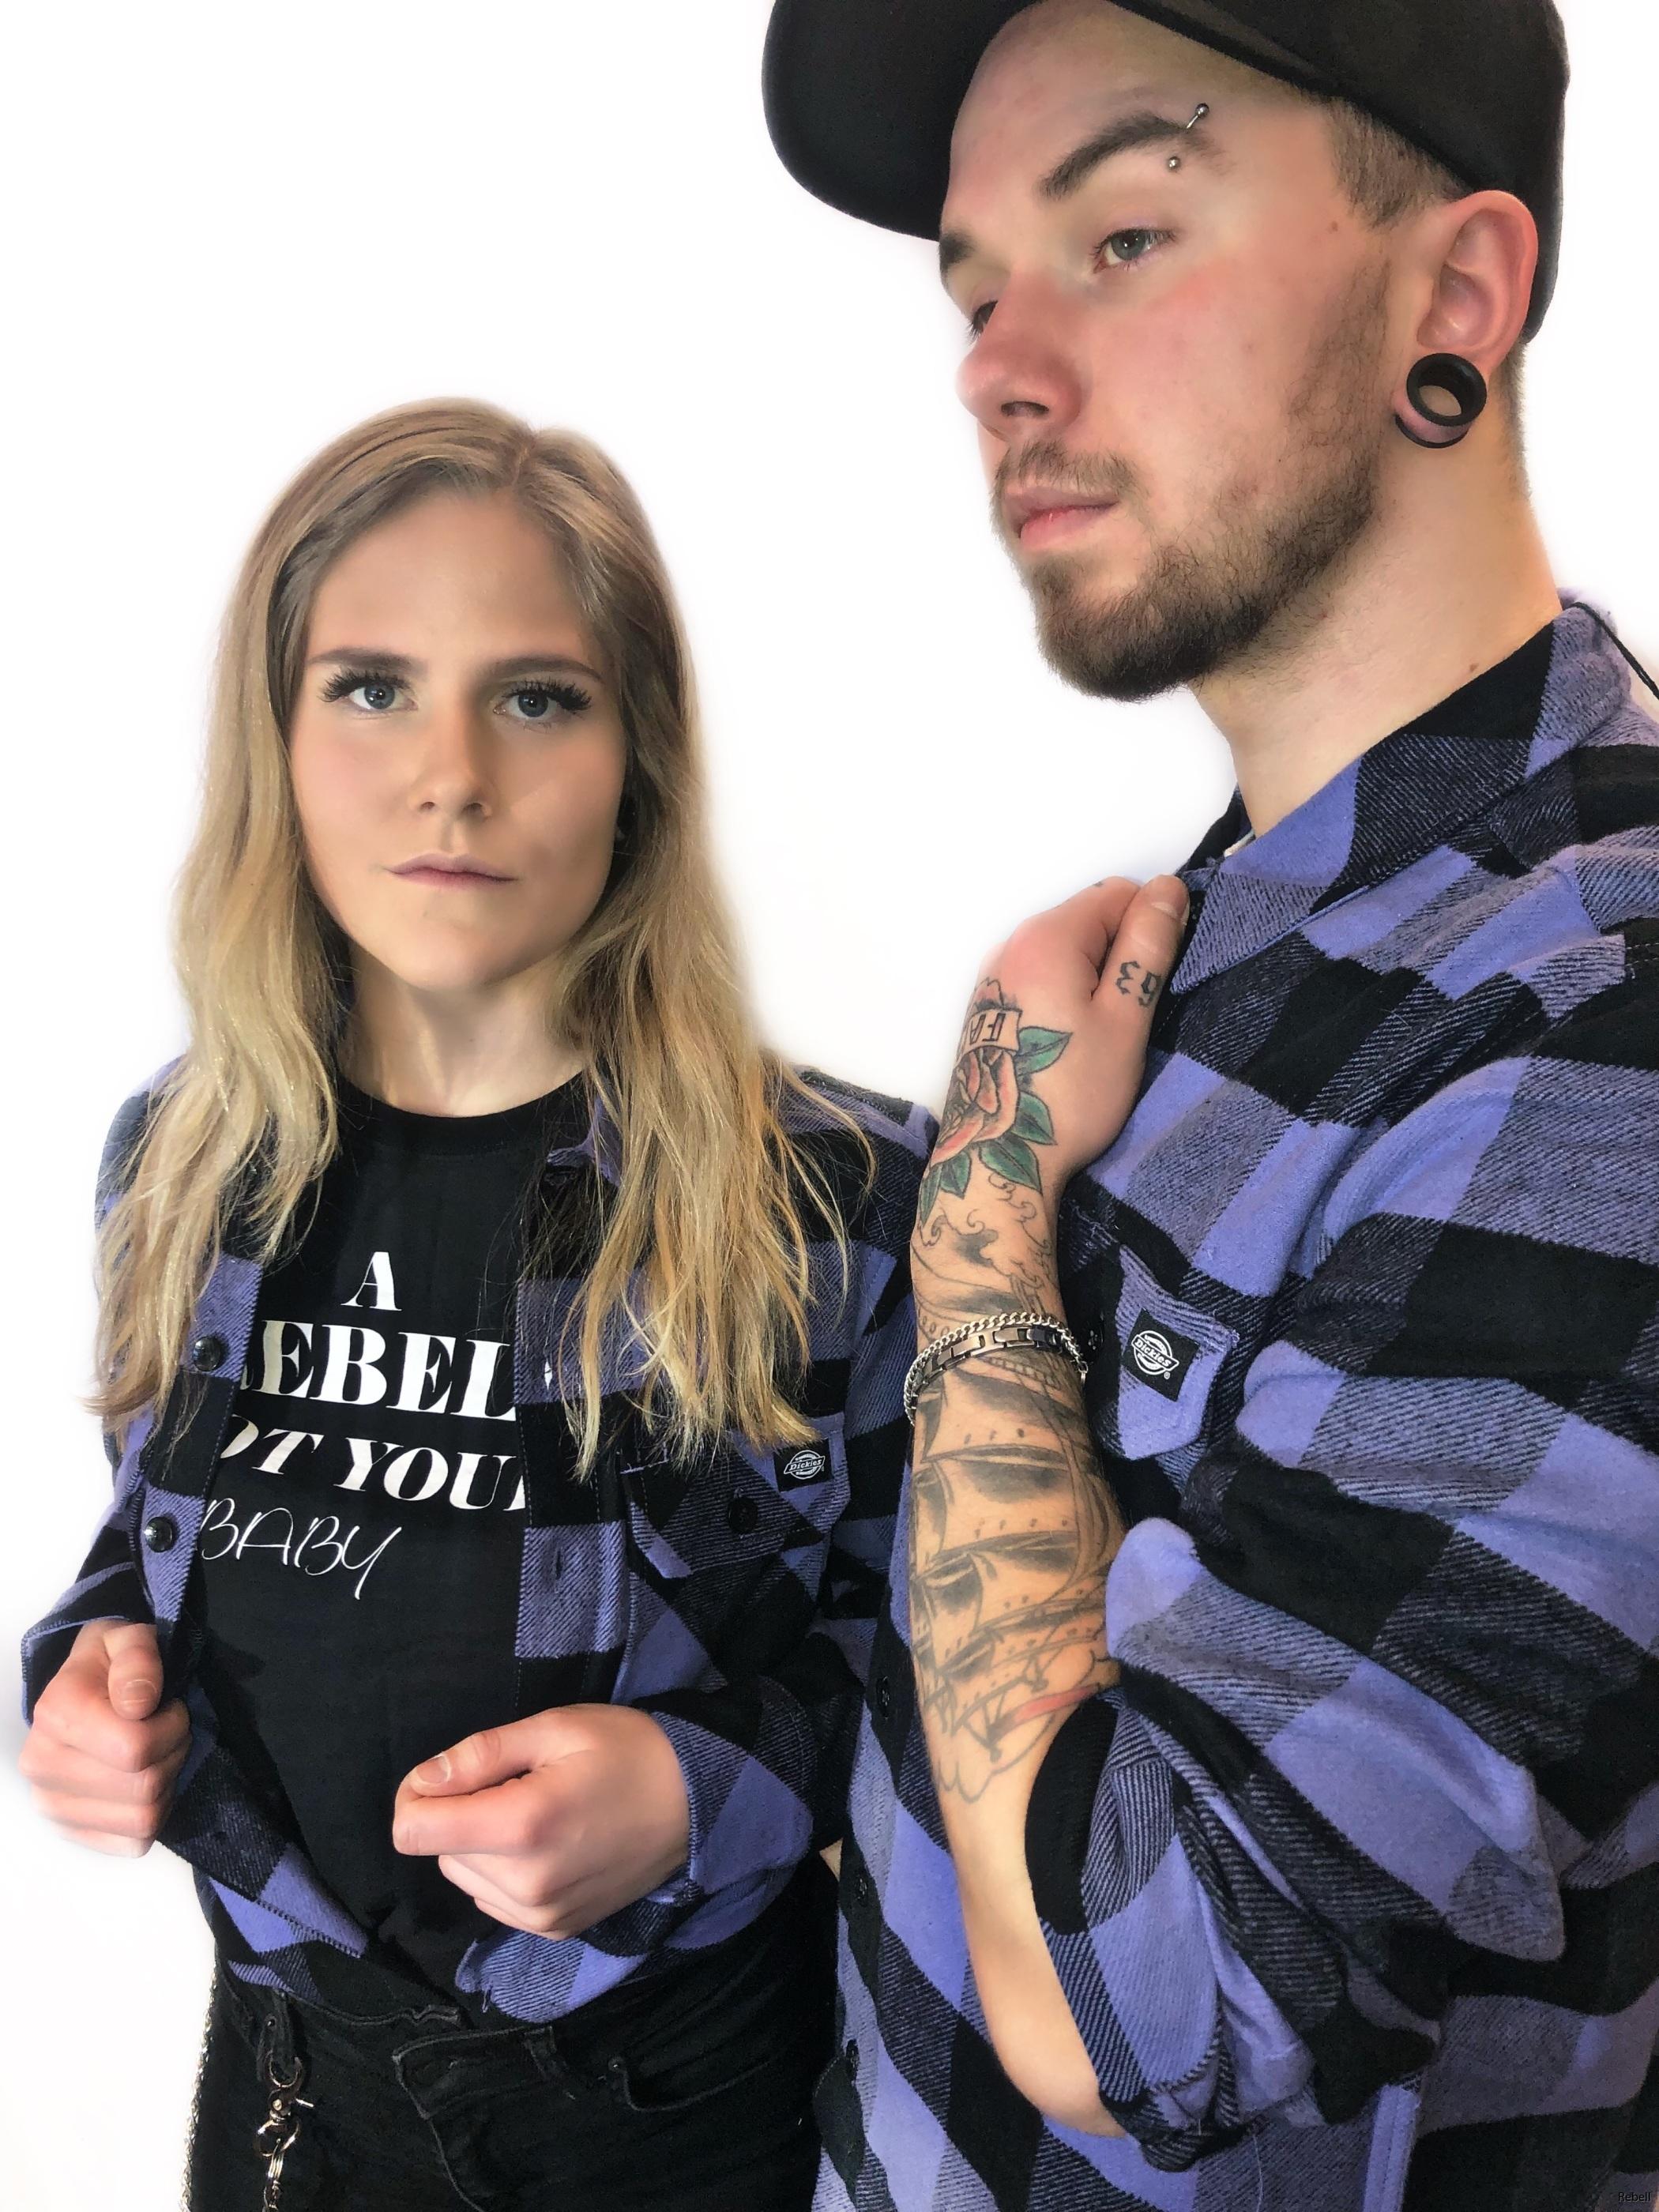 04020AEC-dickies flanell dickiesflanell dickieskläder dickiesskjorta rebell rebellclothes  blå blåskjorta blåflanell rebellclothes flaneller dickieskläder dickies kläder rebellkläder  lila lilaskjorta